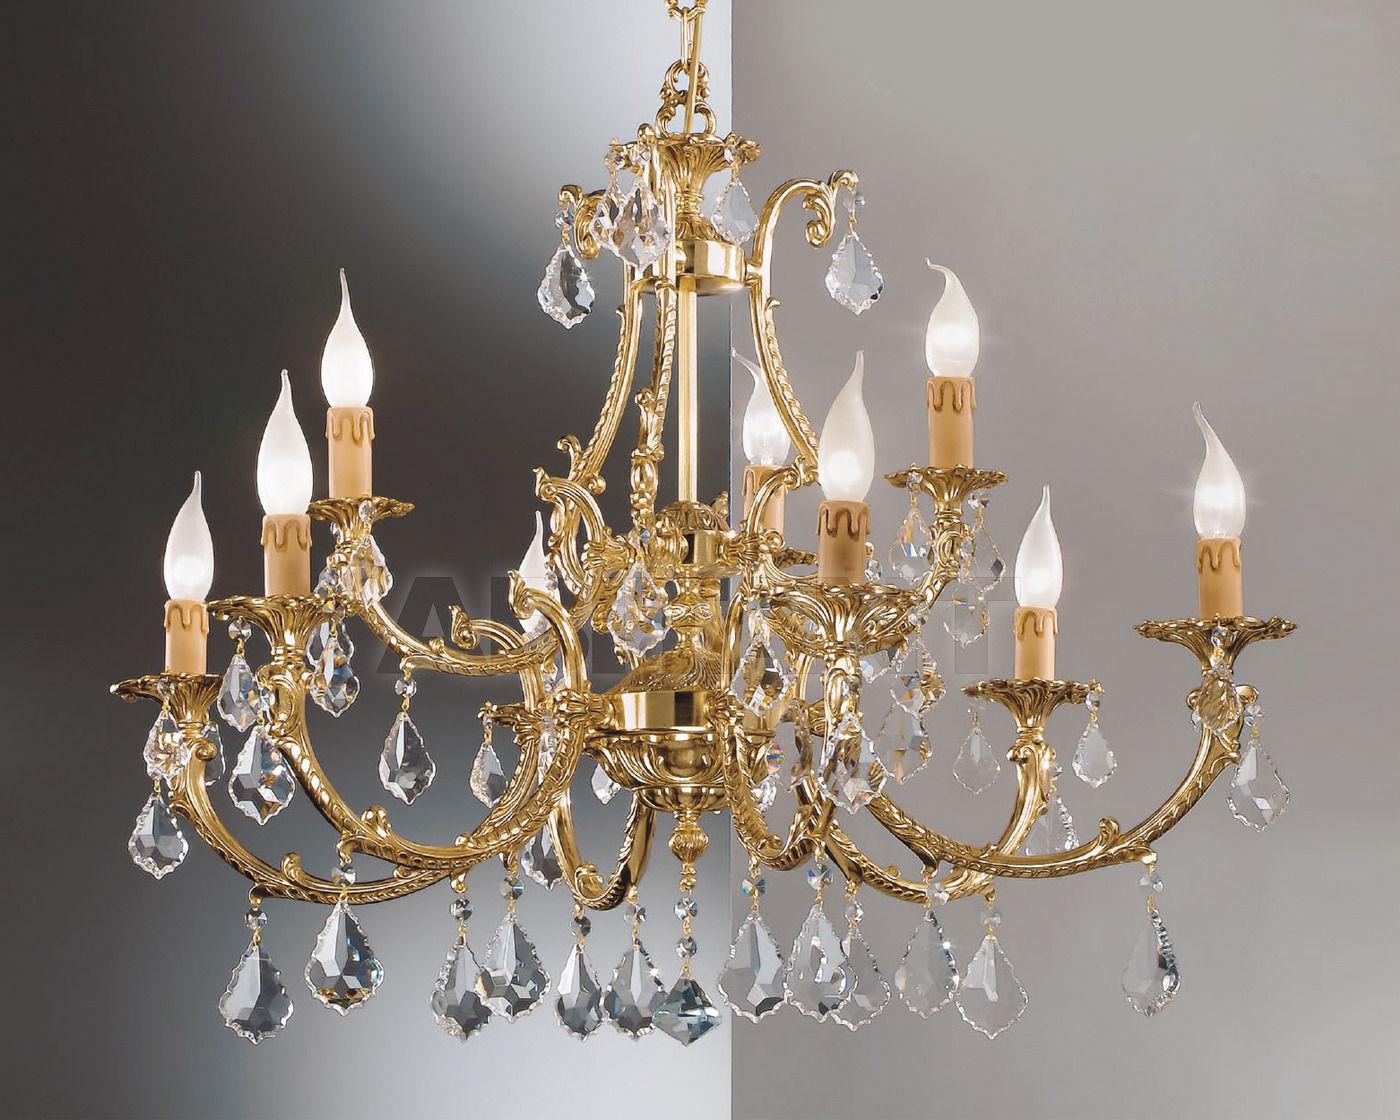 Купить Люстра Nervilamp Snc Nervilamp 2013 582/6+3